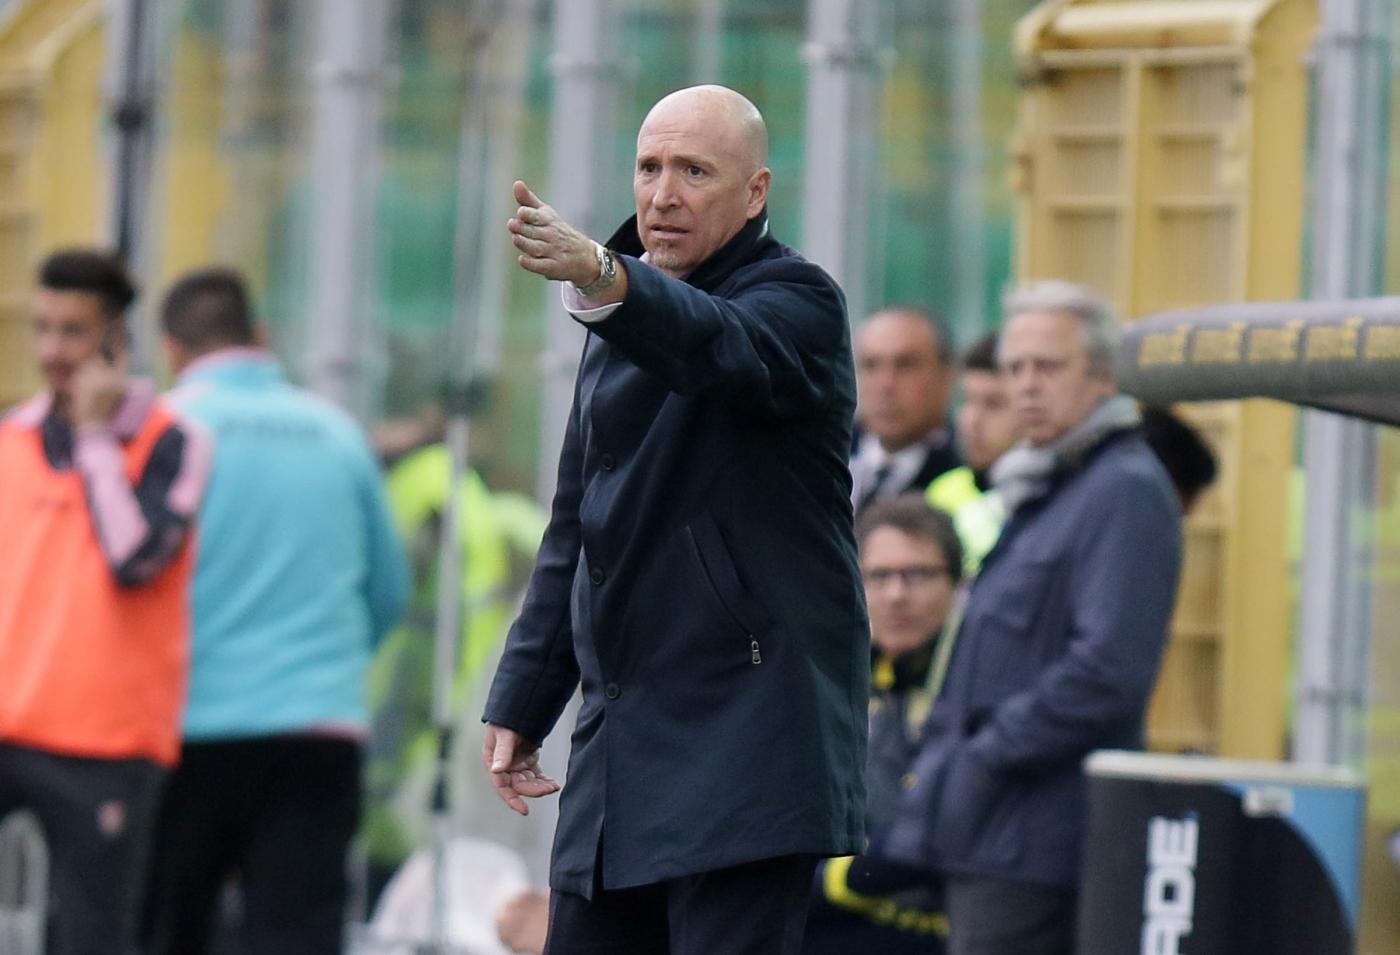 La cura Corini non funziona. Al Barbera il Chievo batte 2-0 il Palermo e costringe i rosanero alla nona sconfitta consecutiva. Al 14' Birsa sblocca la partita sugli sviluppi di un contropiede, poi nella ripresa Pellisser approfitta di un retropassaggio sbagliato di Goldaniga raddoppia i conti al 49', firmando il suo centesimo gol in Serie A. In classifica il Palermo resta ultimo da solo a 6 punti.